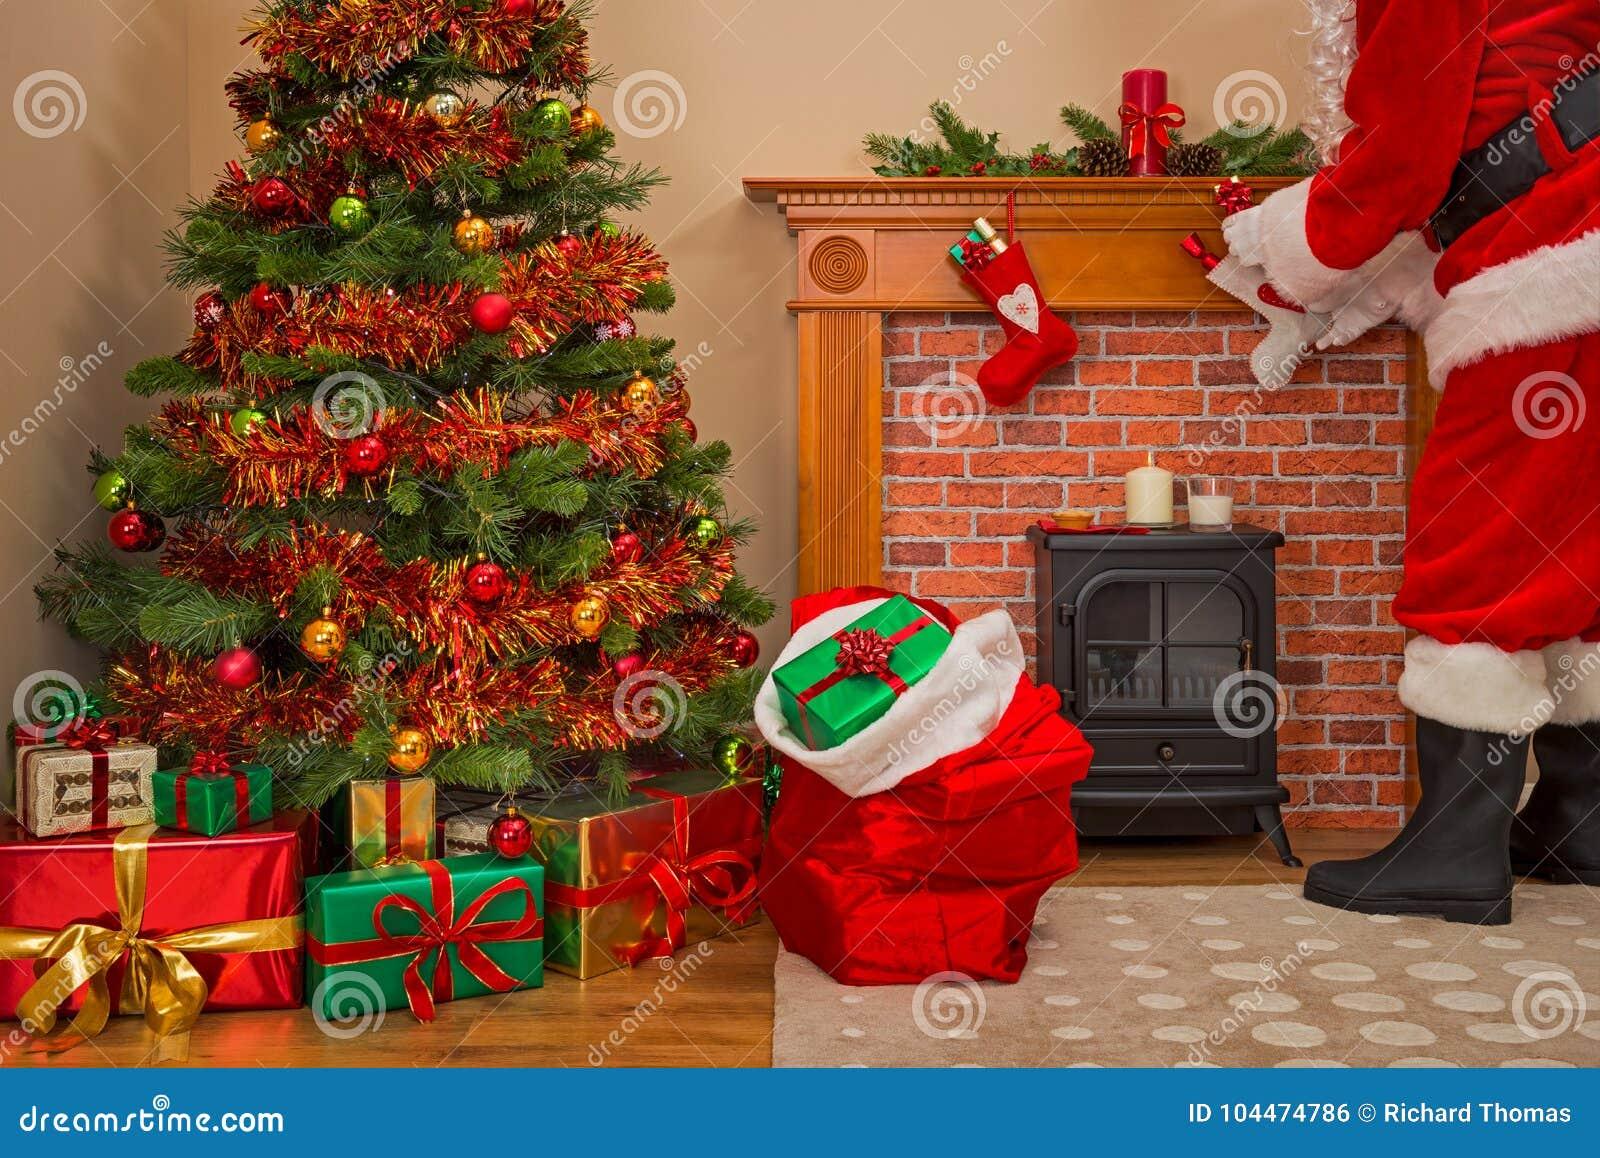 Santa Claus fournissant des présents le réveillon de Noël